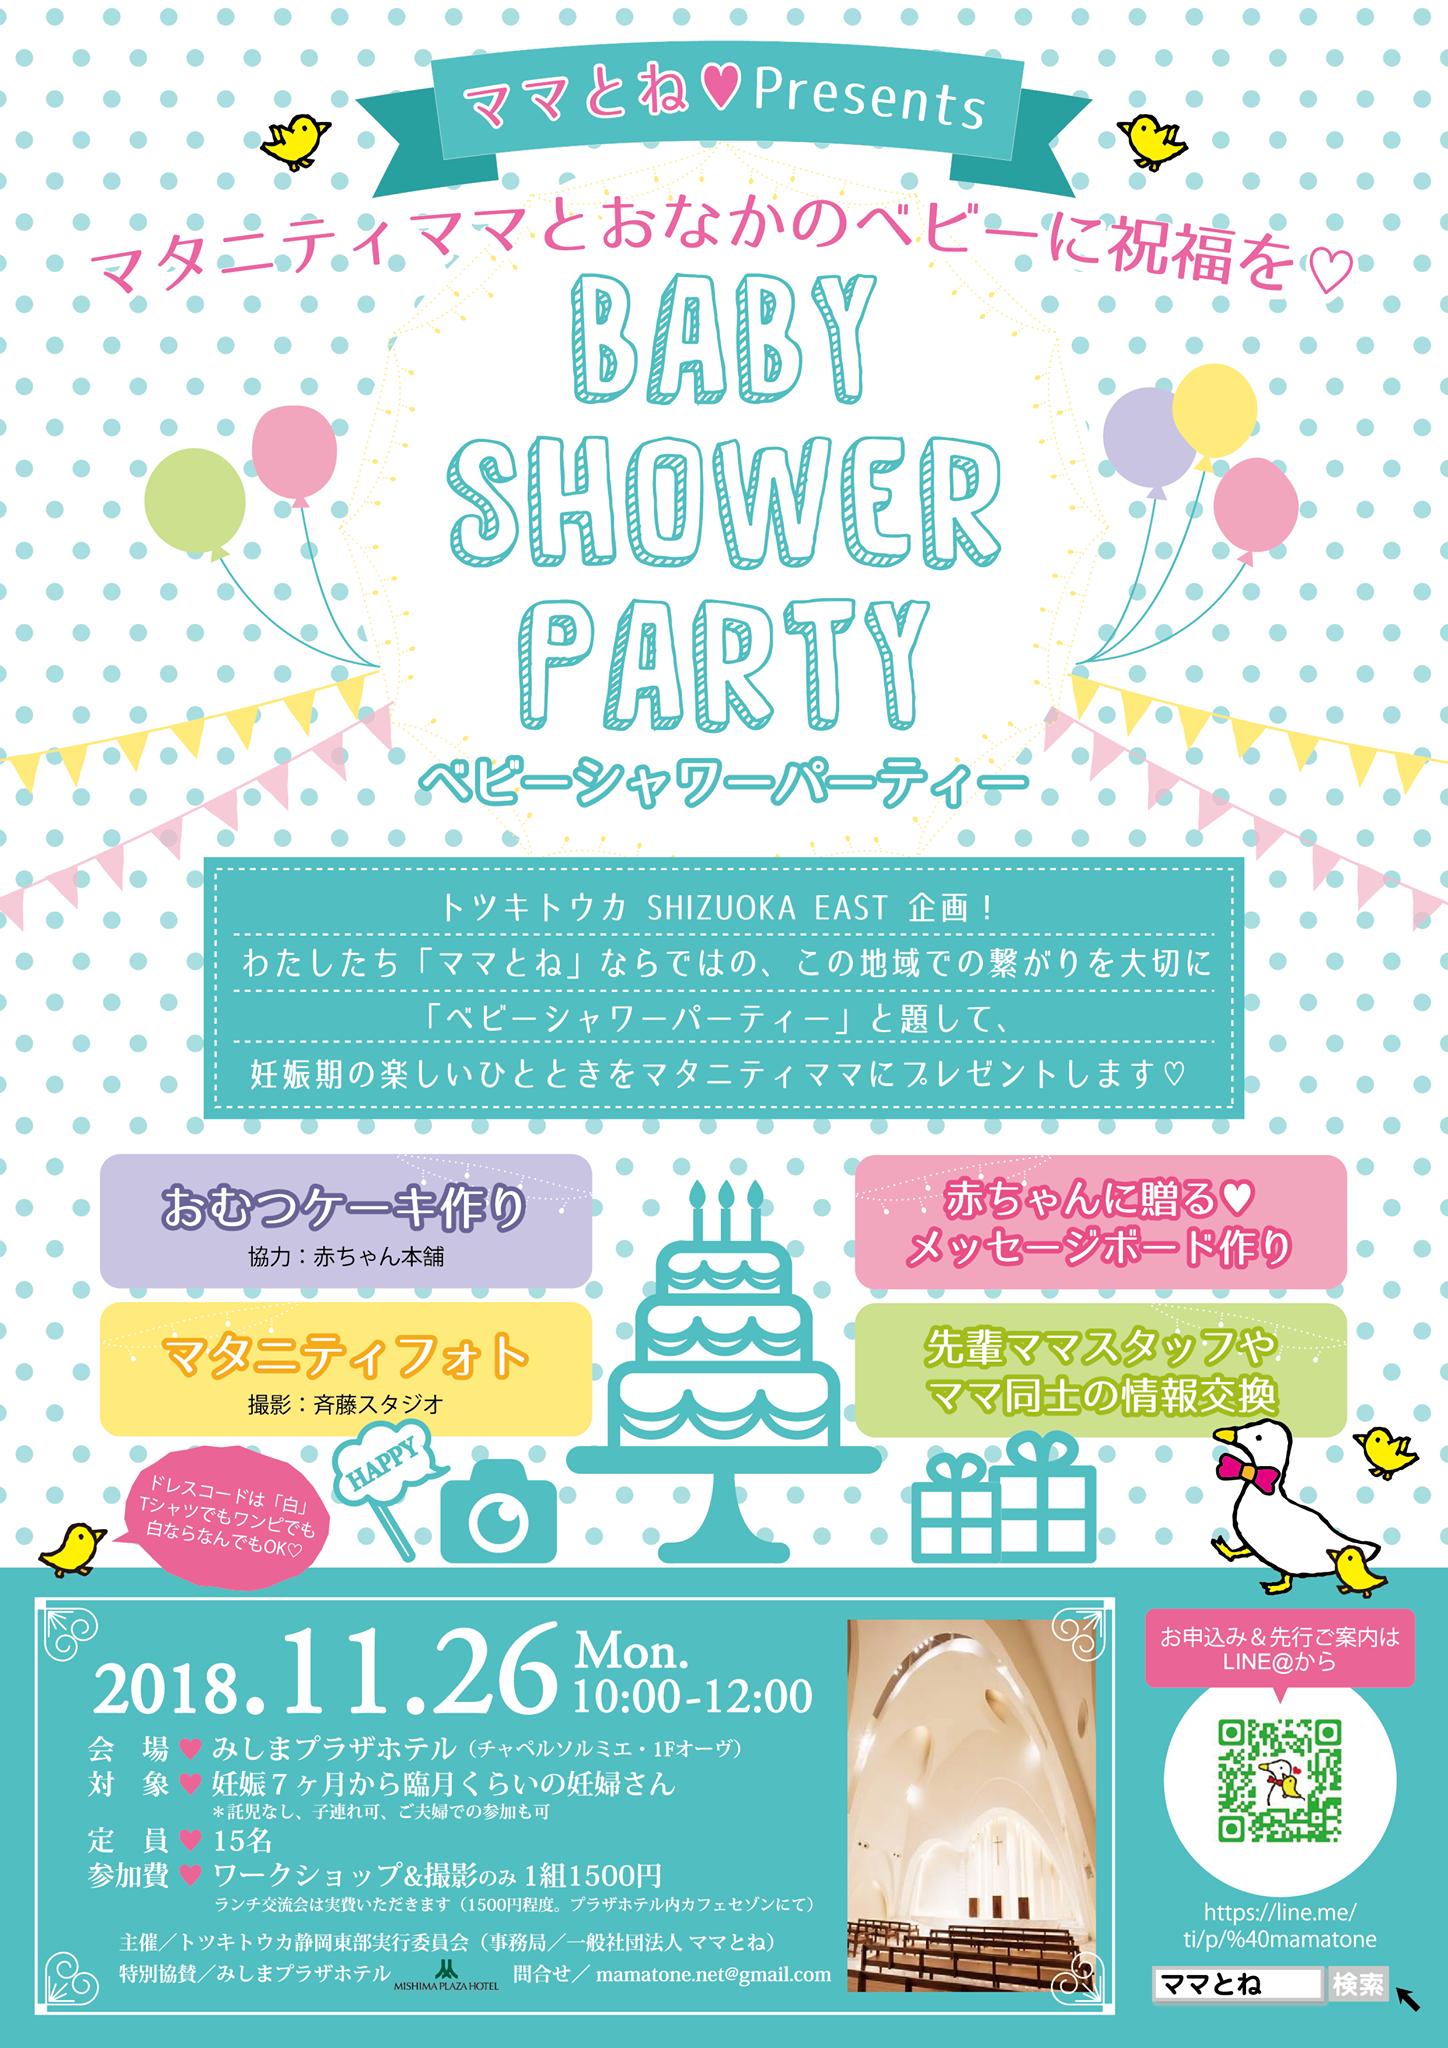 【受付終了】ママとねプレゼンツ♡ ベビーシャワー パーティー!!